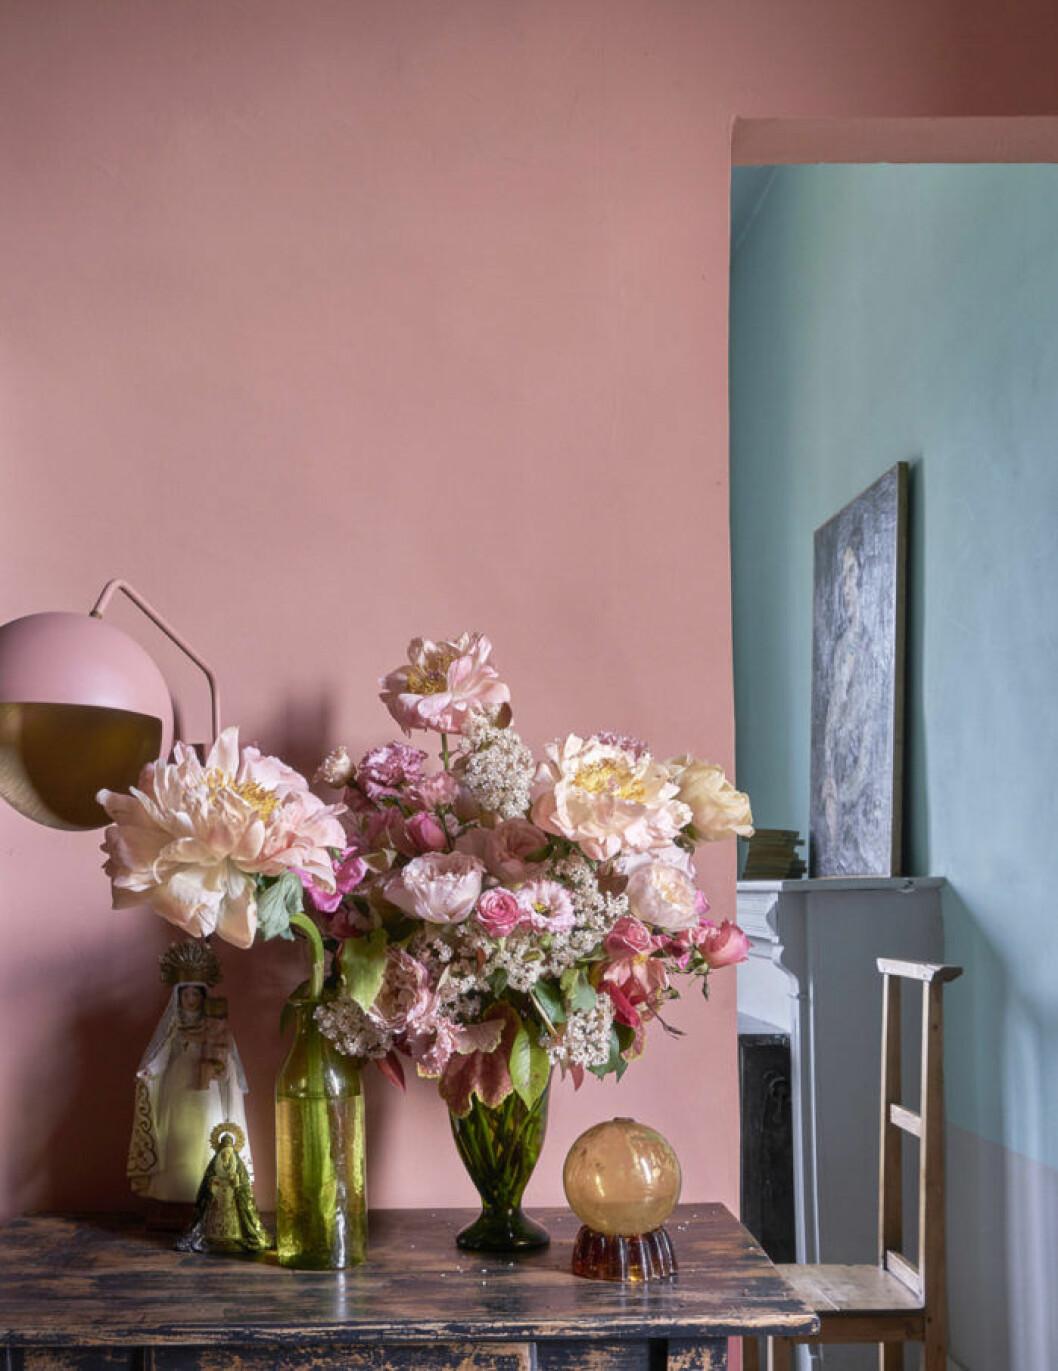 Rosa vägg, rosa bordslampa, stor bukett med rosa blommor